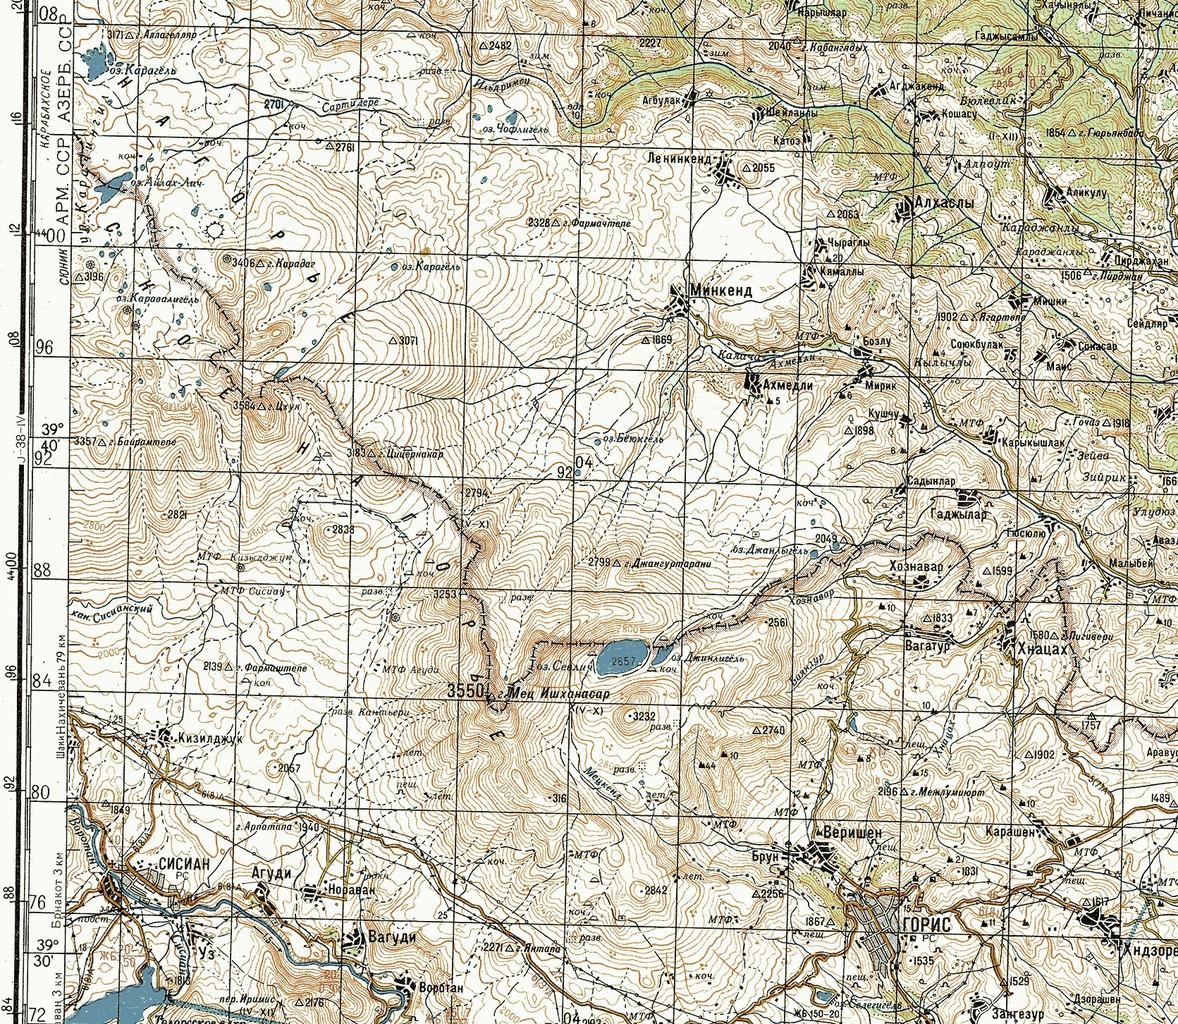 Mint látható Szevlics-tó döntő hányada az Örmény SzSzK területén helyezkedik el a Szovjet Vezérkar – Genstab – által használt 1984-es térképen #moszkvater